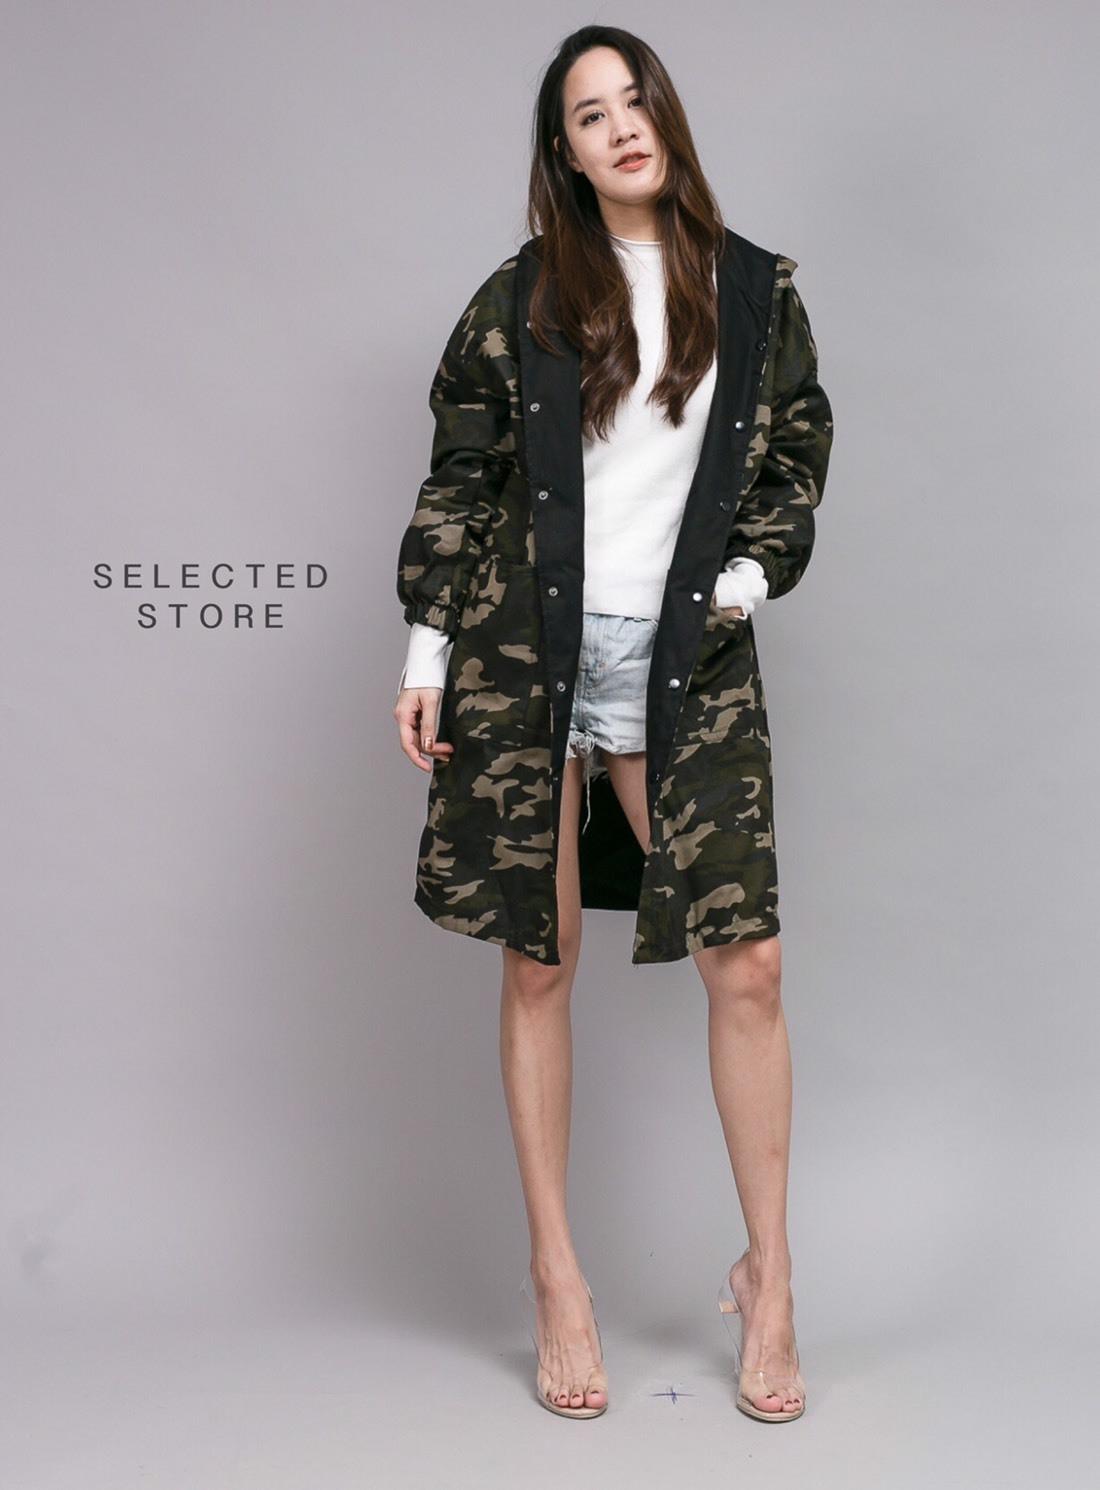 เสื้อผ้าเกาหลีพร้อมส่ง เสื้อโค้ทตัวยาวมีฮู้ด ลายทหารใส่ได้2ด้าน